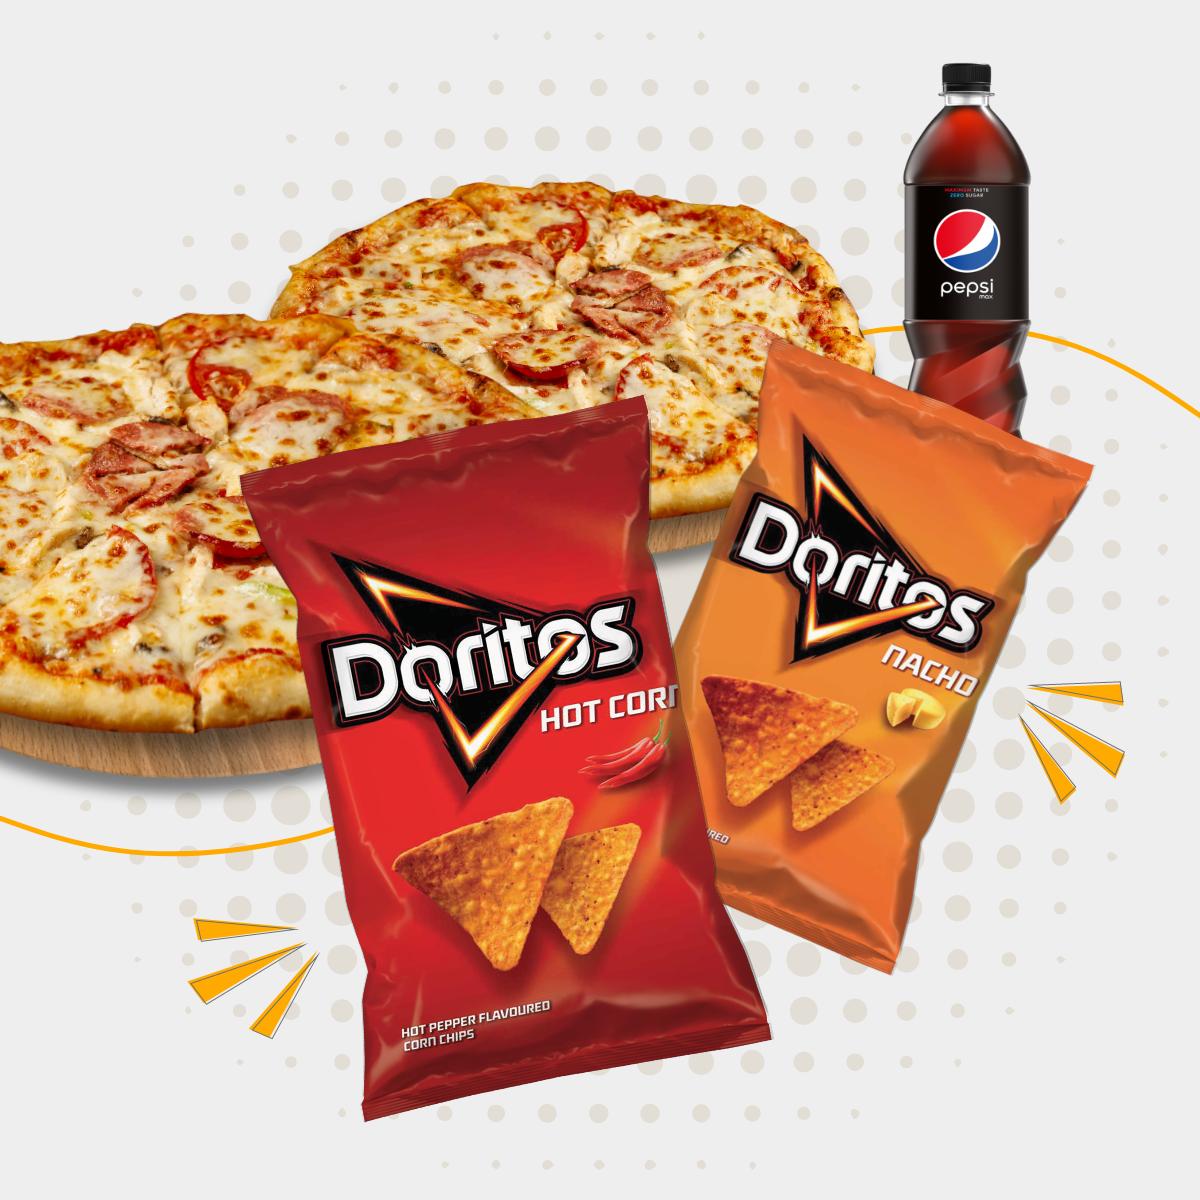 Kup 2 duże pizze + pepsi 0.85l a doritos dostaniesz gratis!